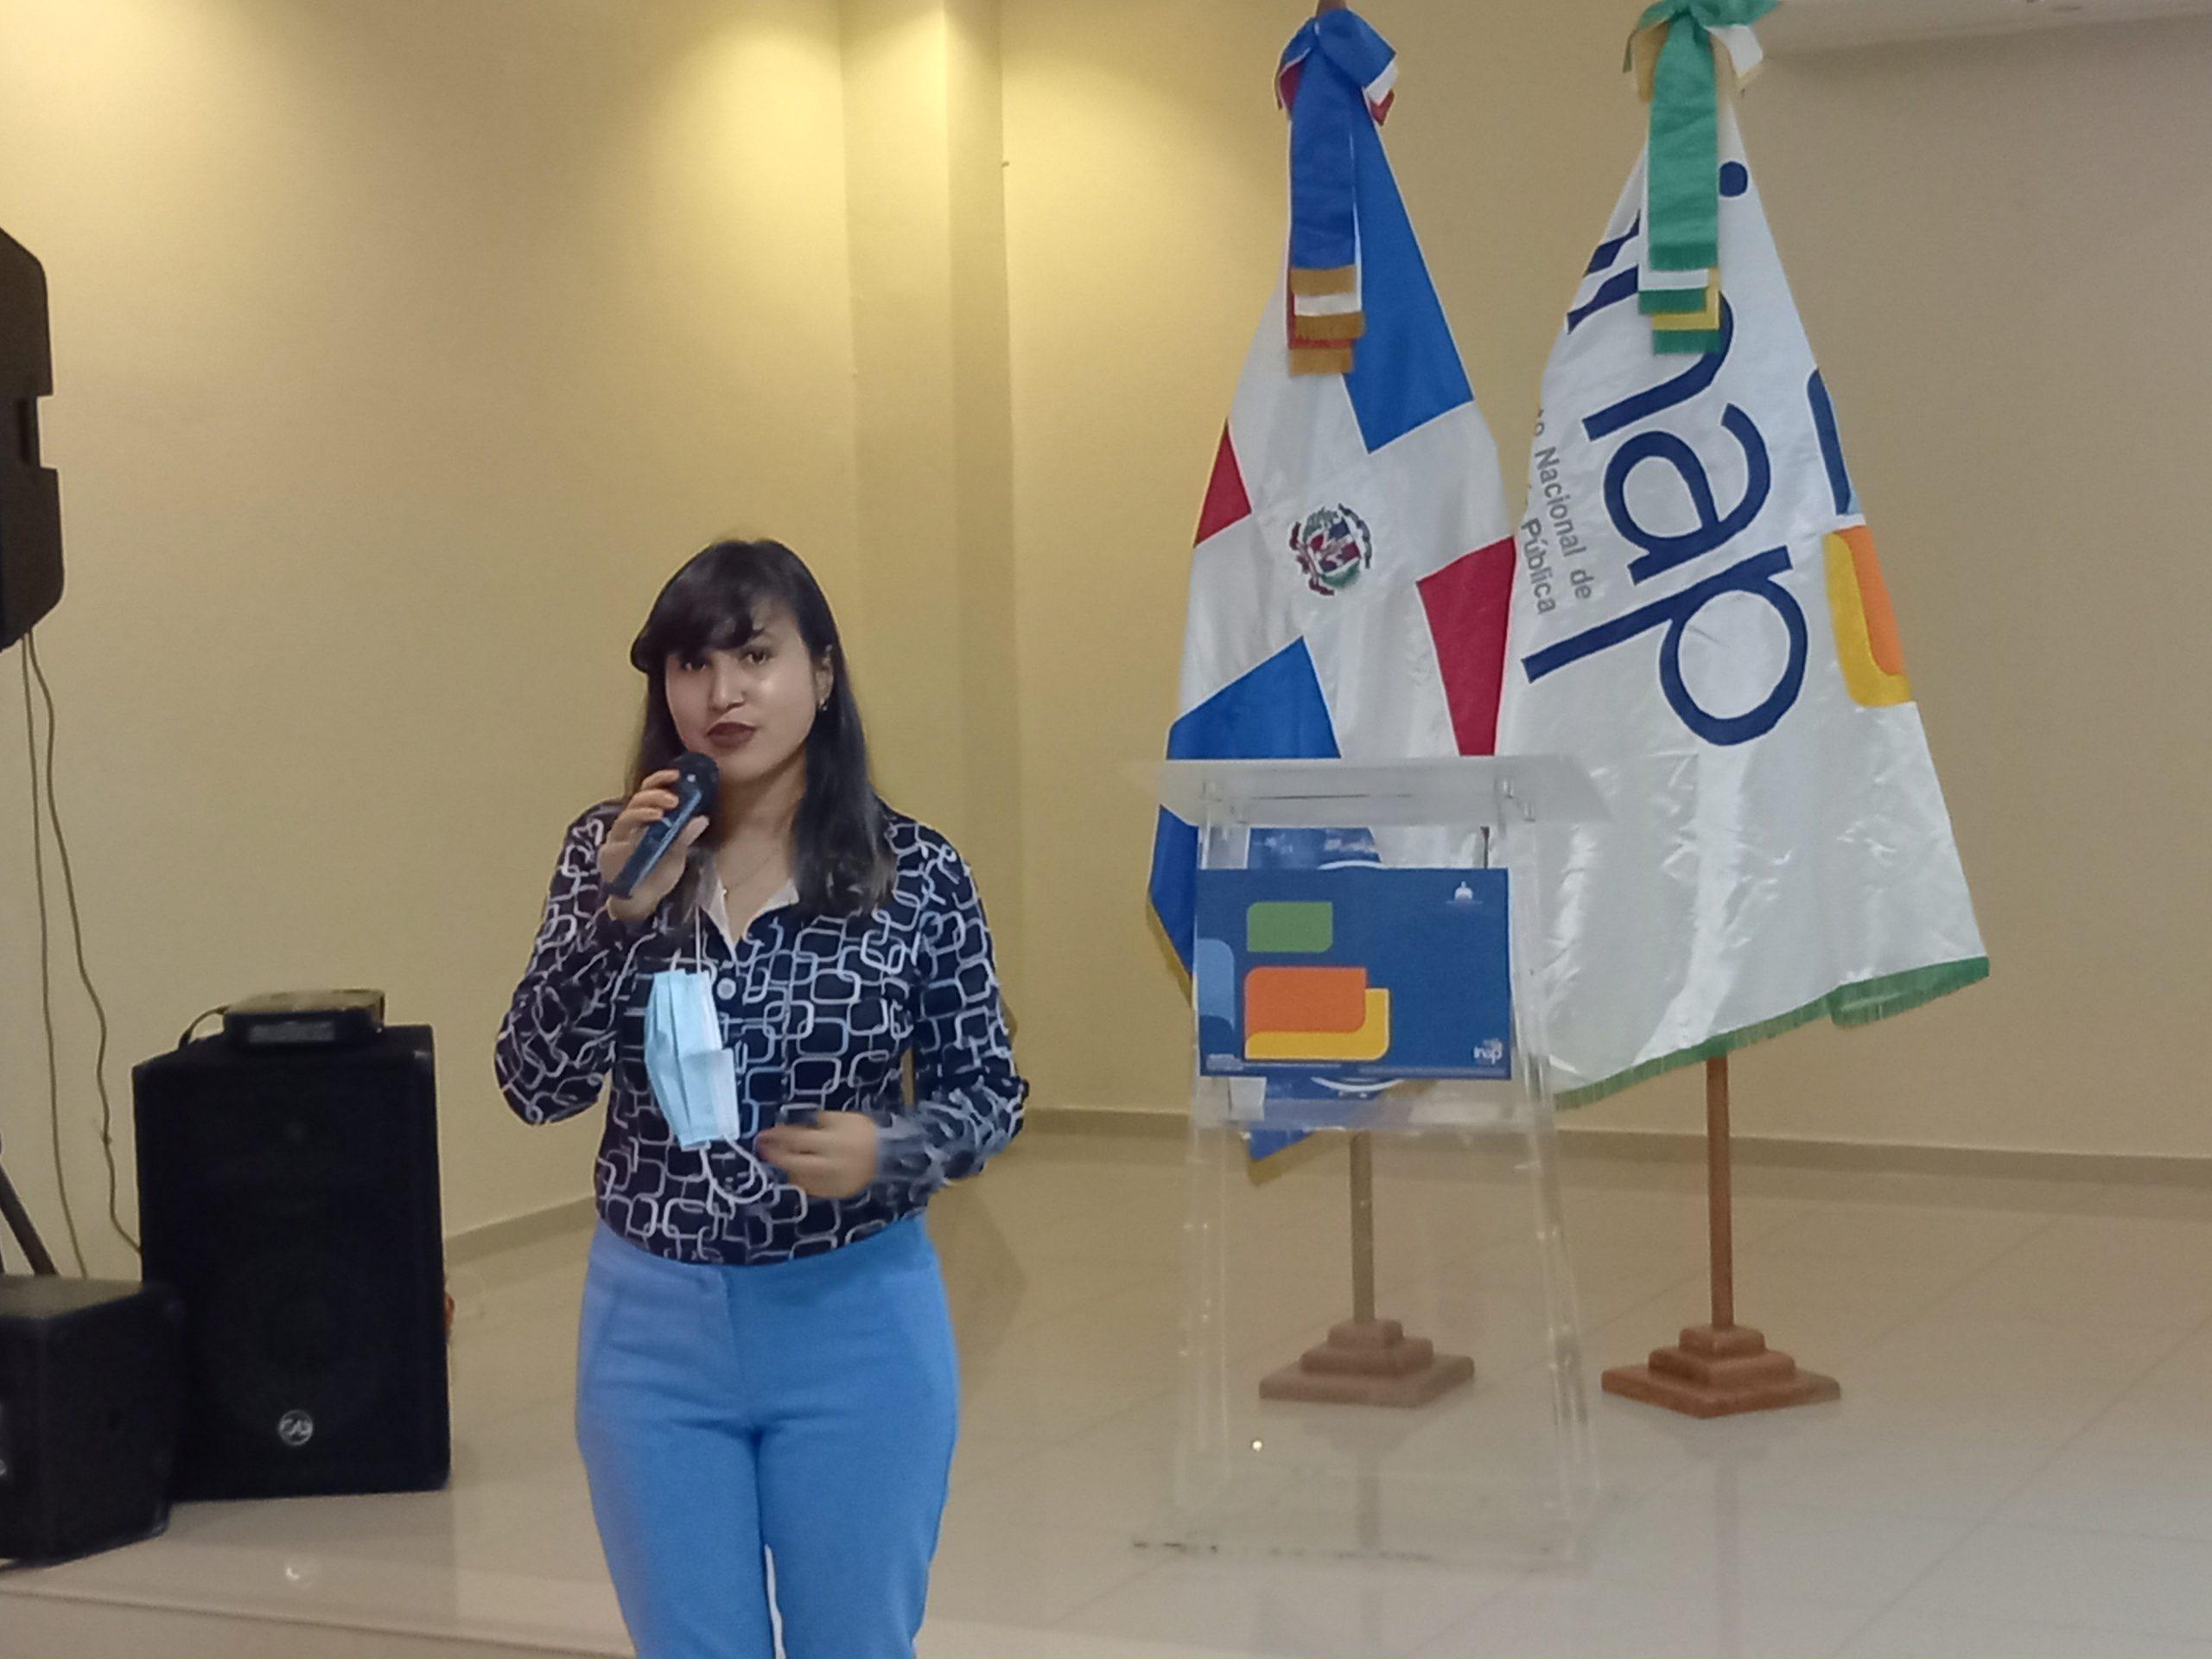 SRS Este participa en jornada de sensibilización para Instituciones públicas, realizada por INAP.